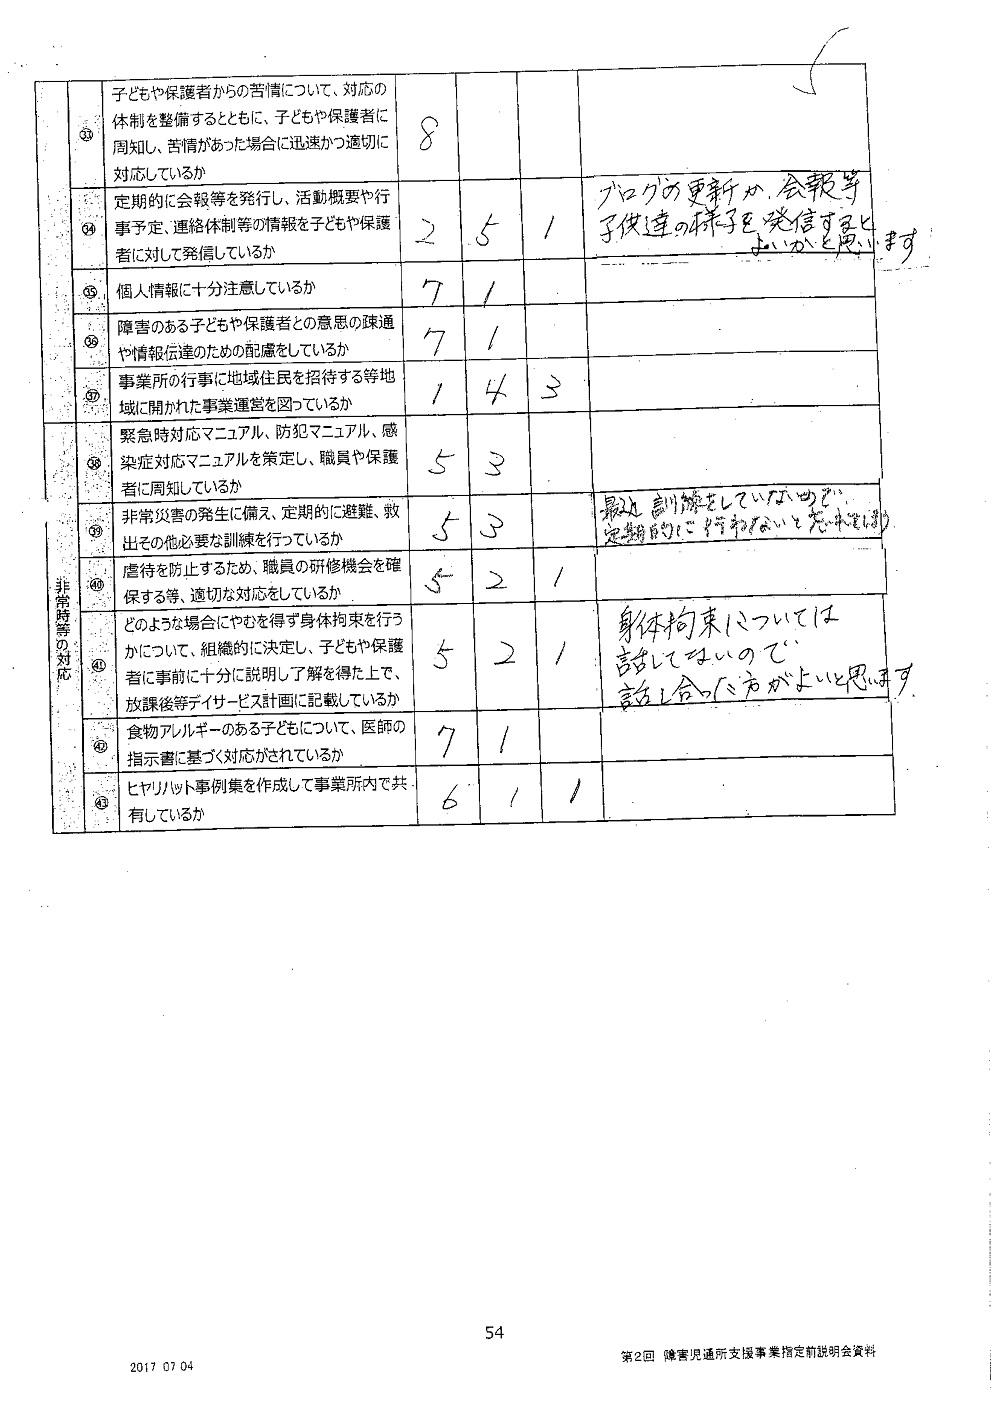 事業者向け自己評価表 3p